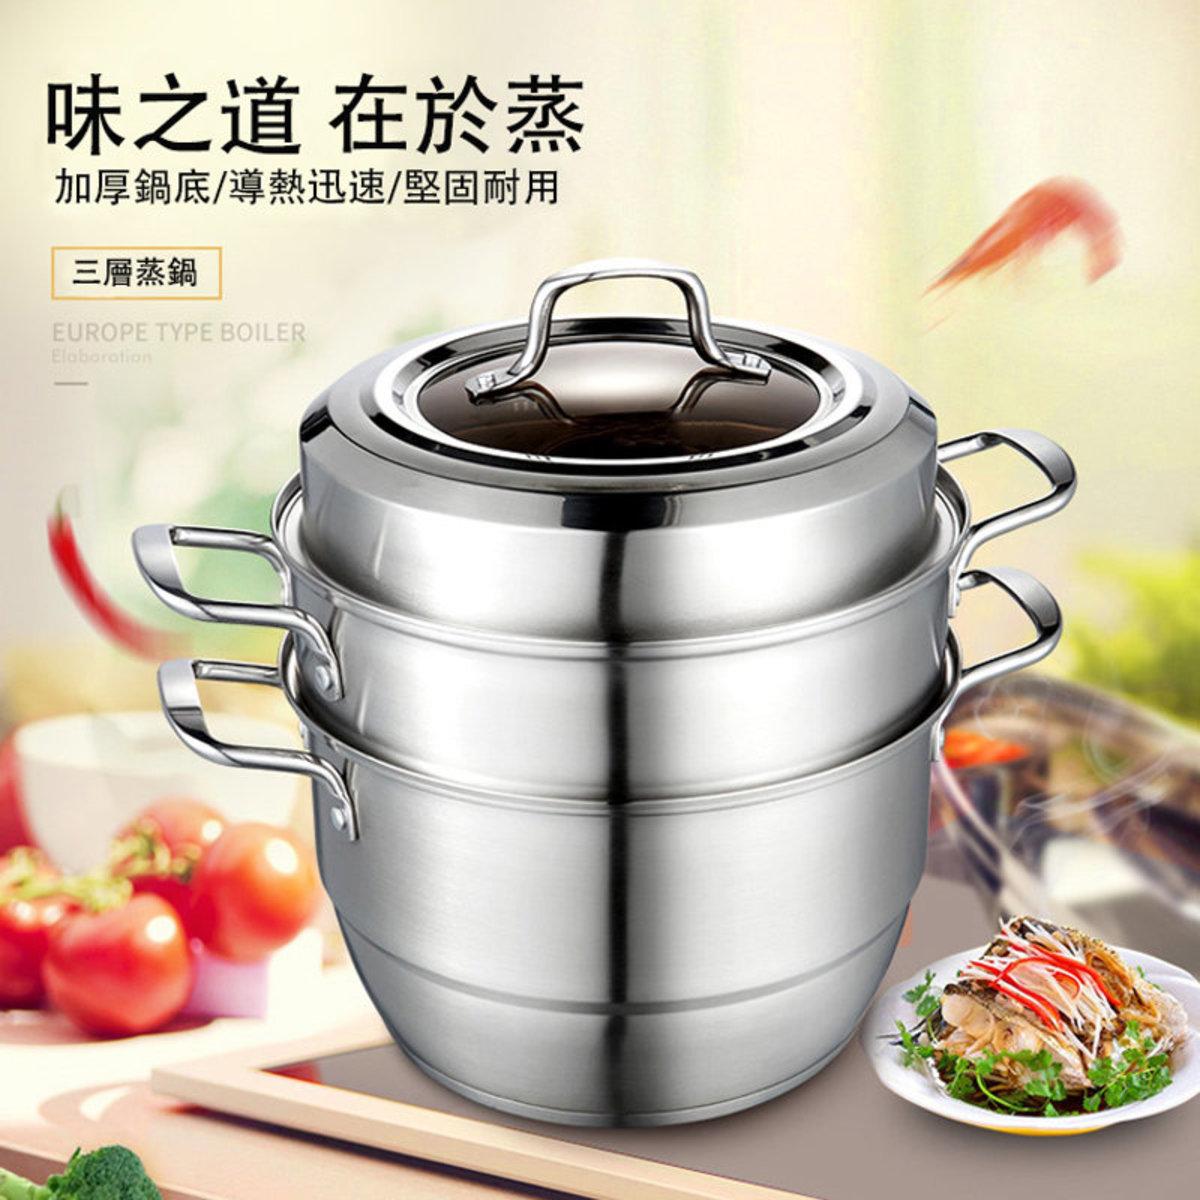 304不鏽鋼三層加厚蒸鍋(28cm)